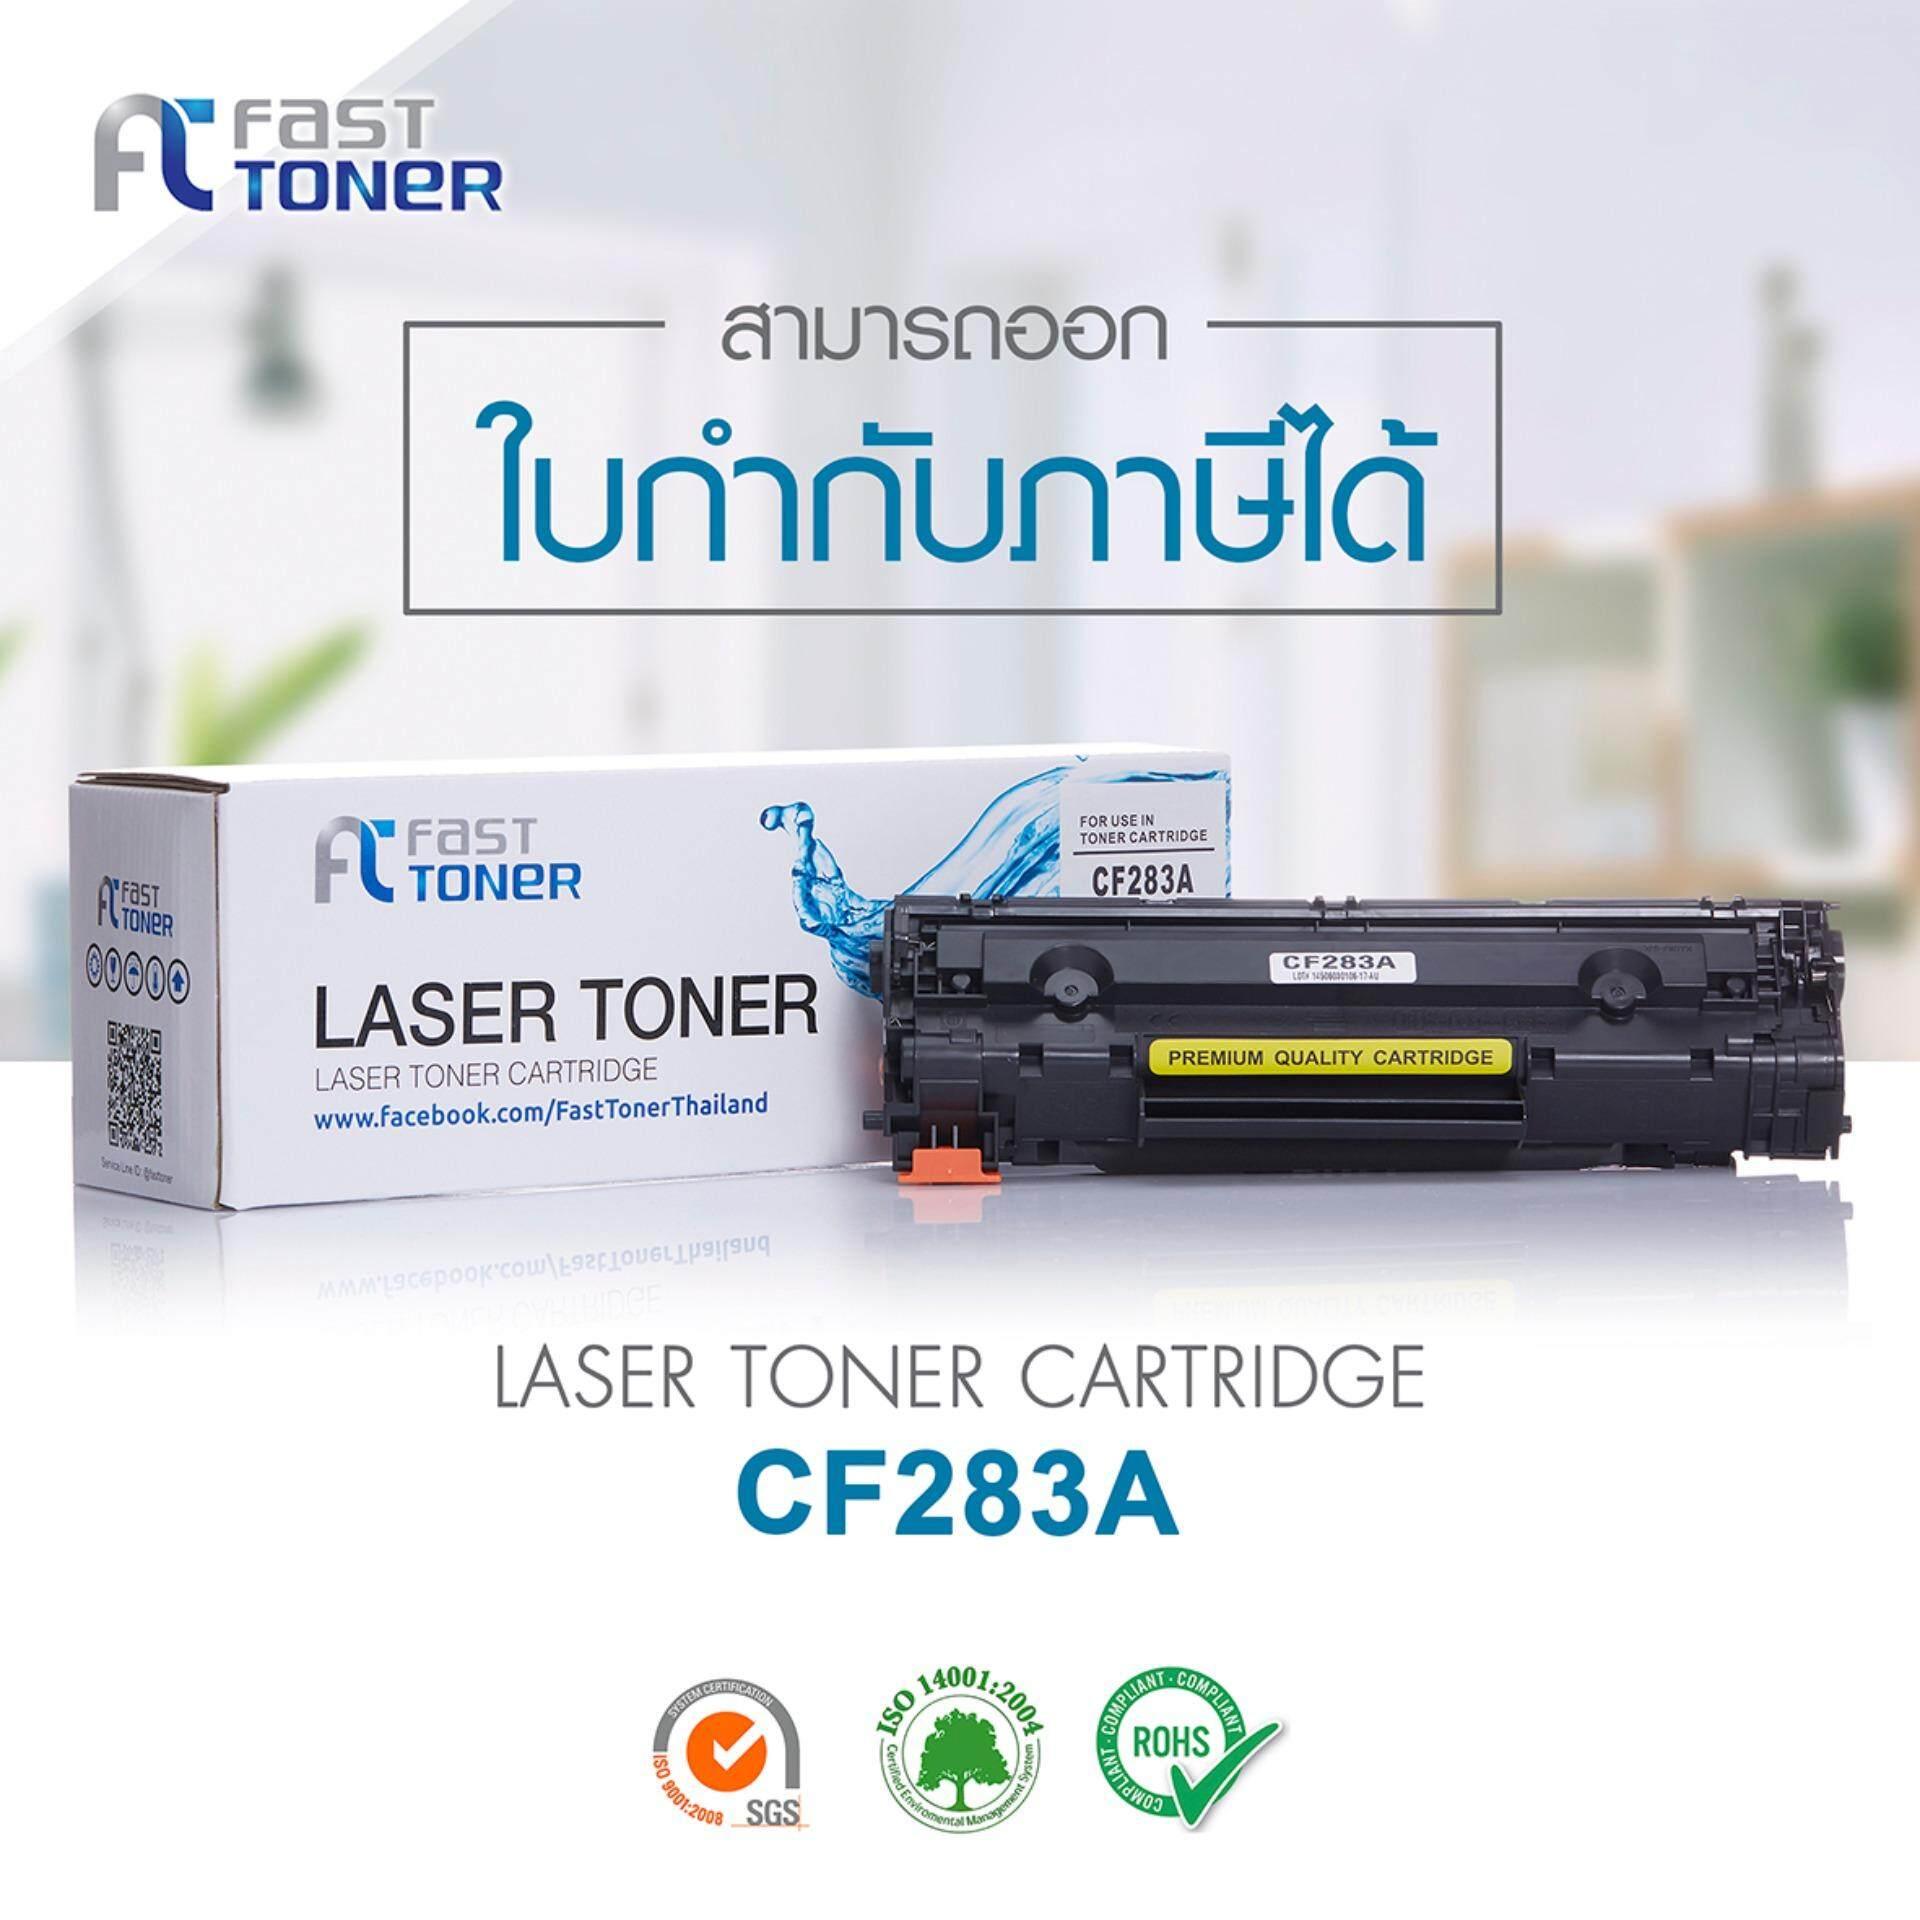 ราคา Fast Toner Hp ตลับหมึกเลเซอร์ Hp83A Cf283A 1 5K For Printer Hp Laserjet Pro M201N M201Dw M225Dn M225Dw Fast Toner เป็นต้นฉบับ